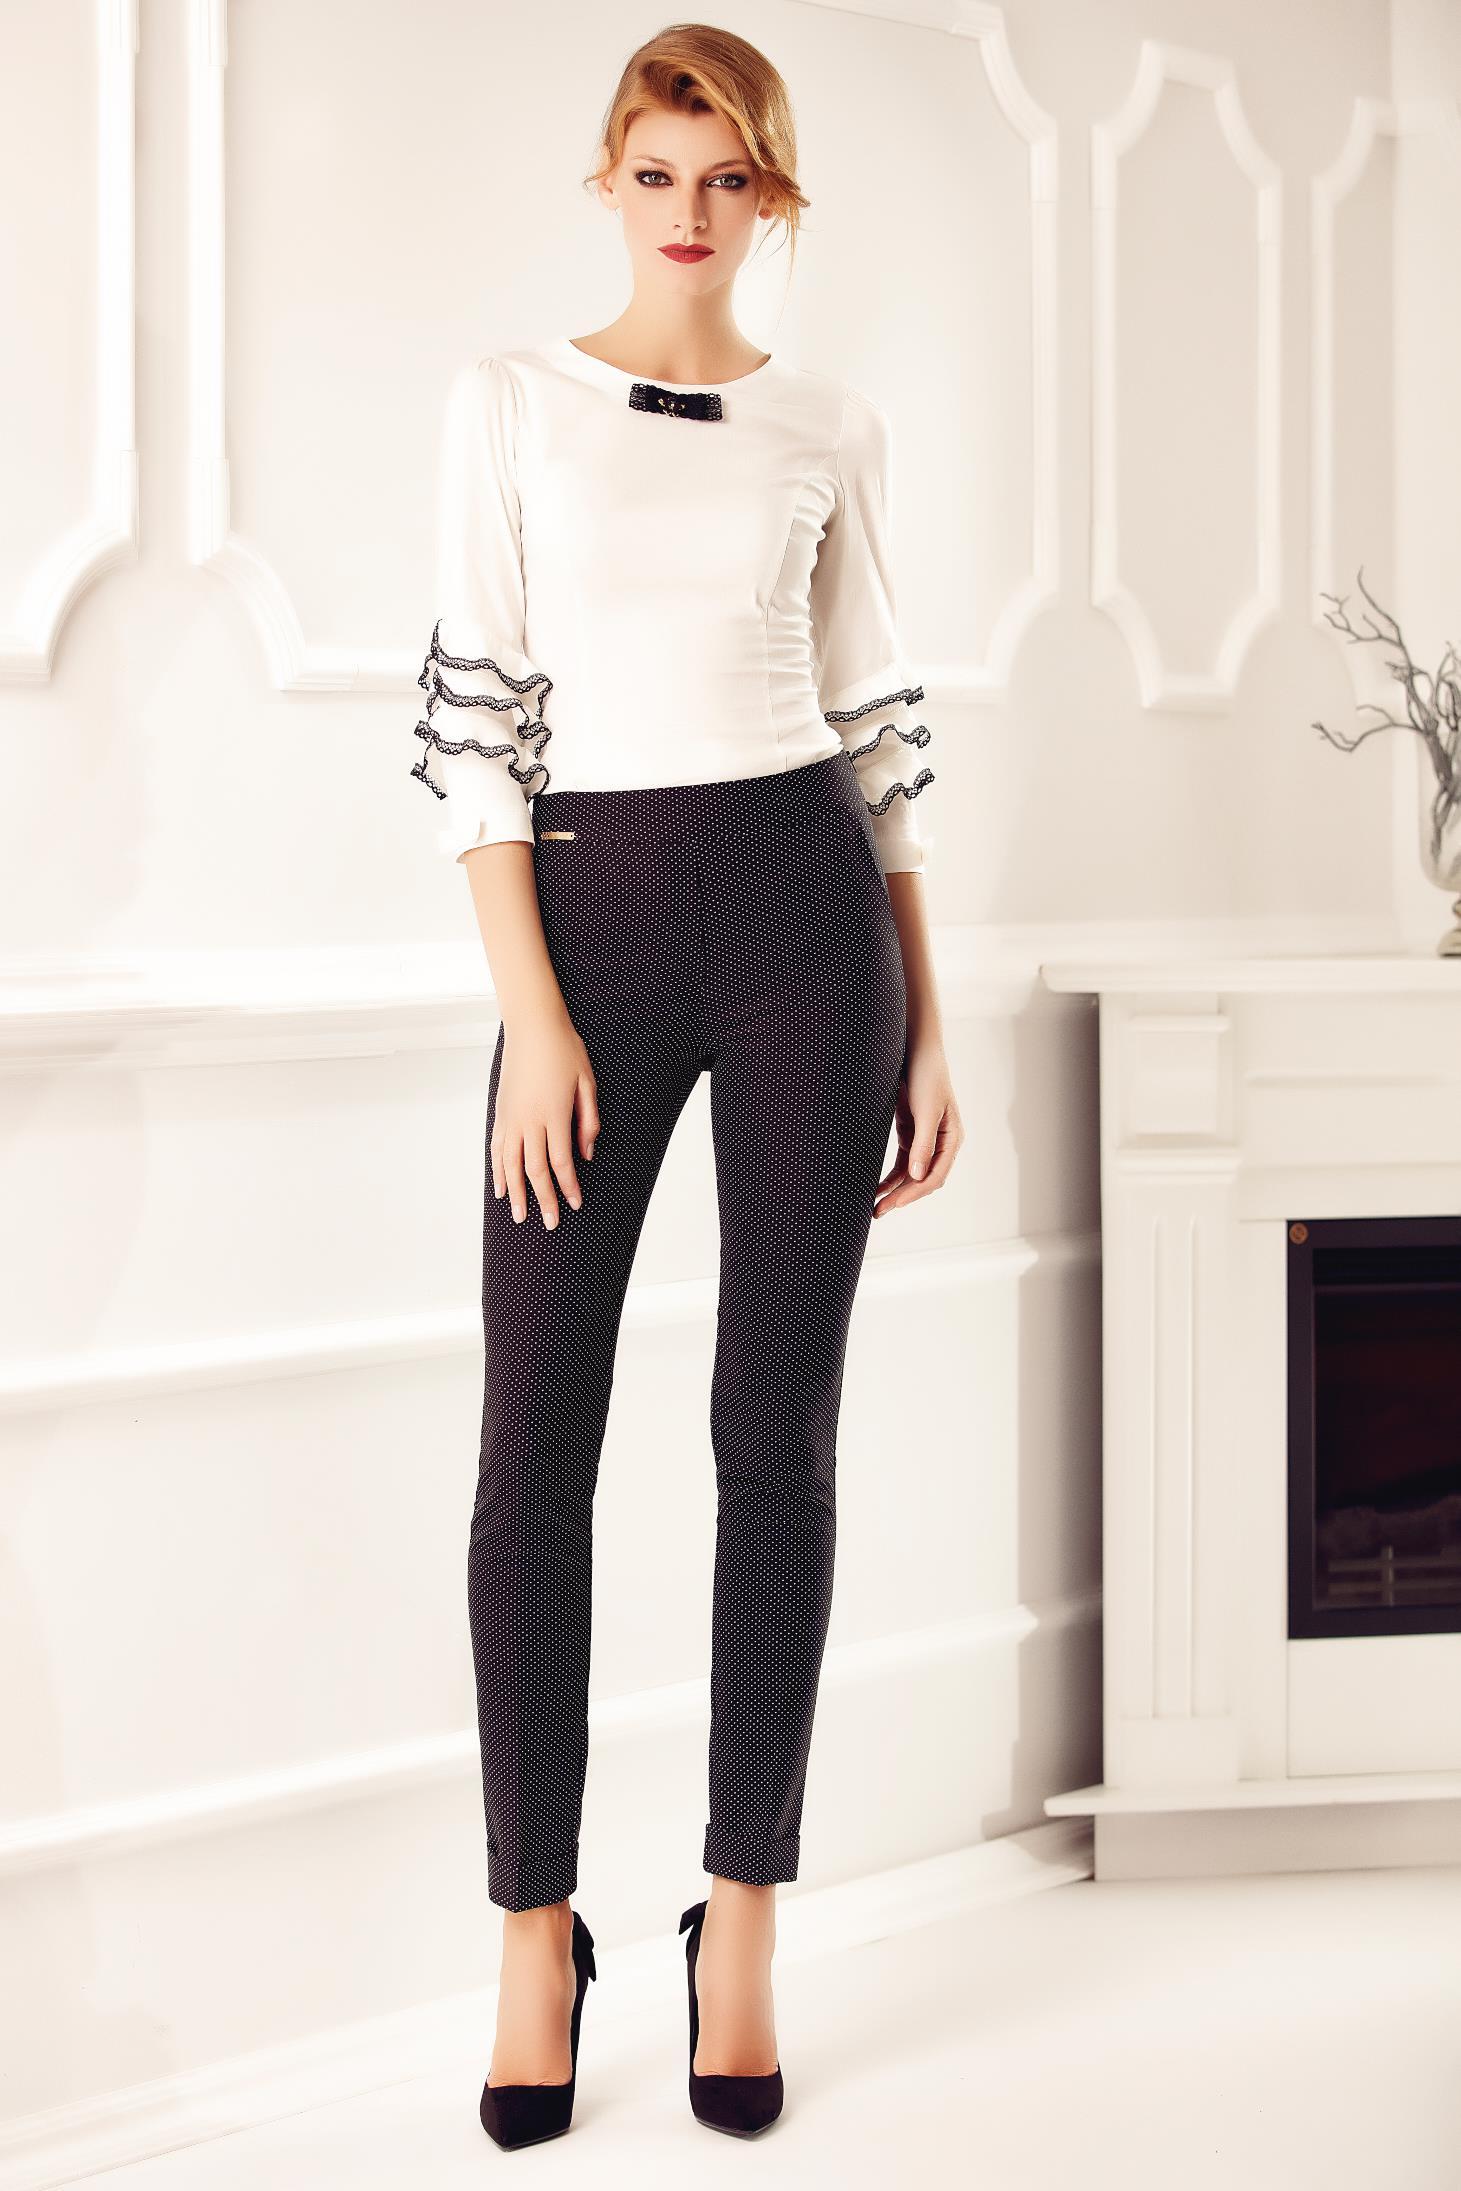 Fehér Fofy irodai gomb nélküli női ing csipke díszítéssel a510703727